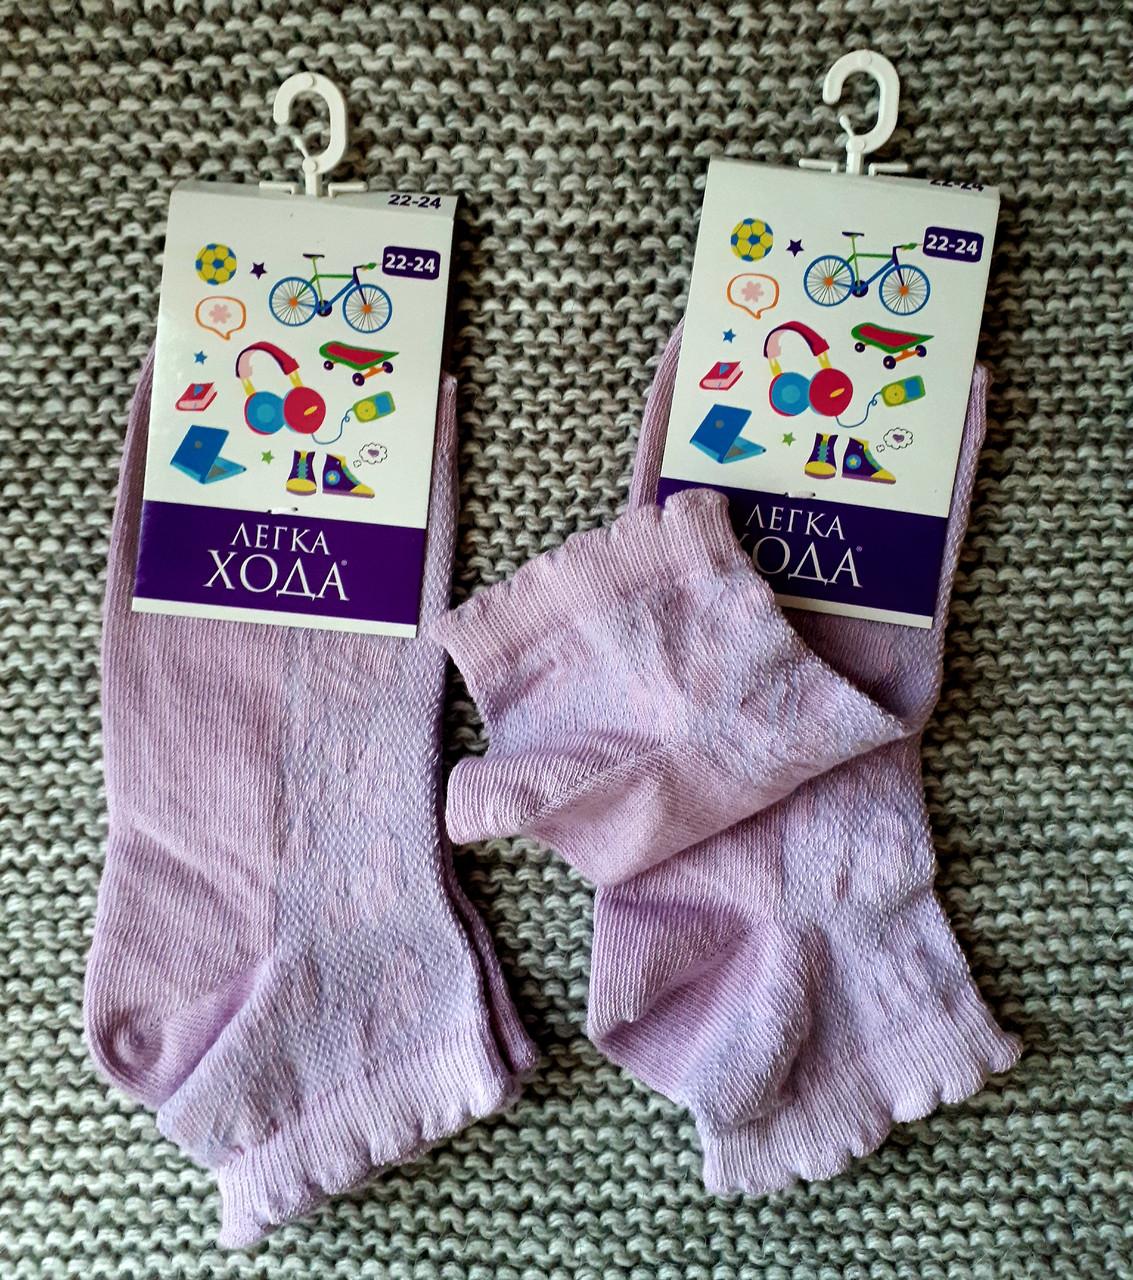 Носочки хлопковые детские фиолетового цвета в дырочку ТМ Легка хода  (Украина)  размер 22 24